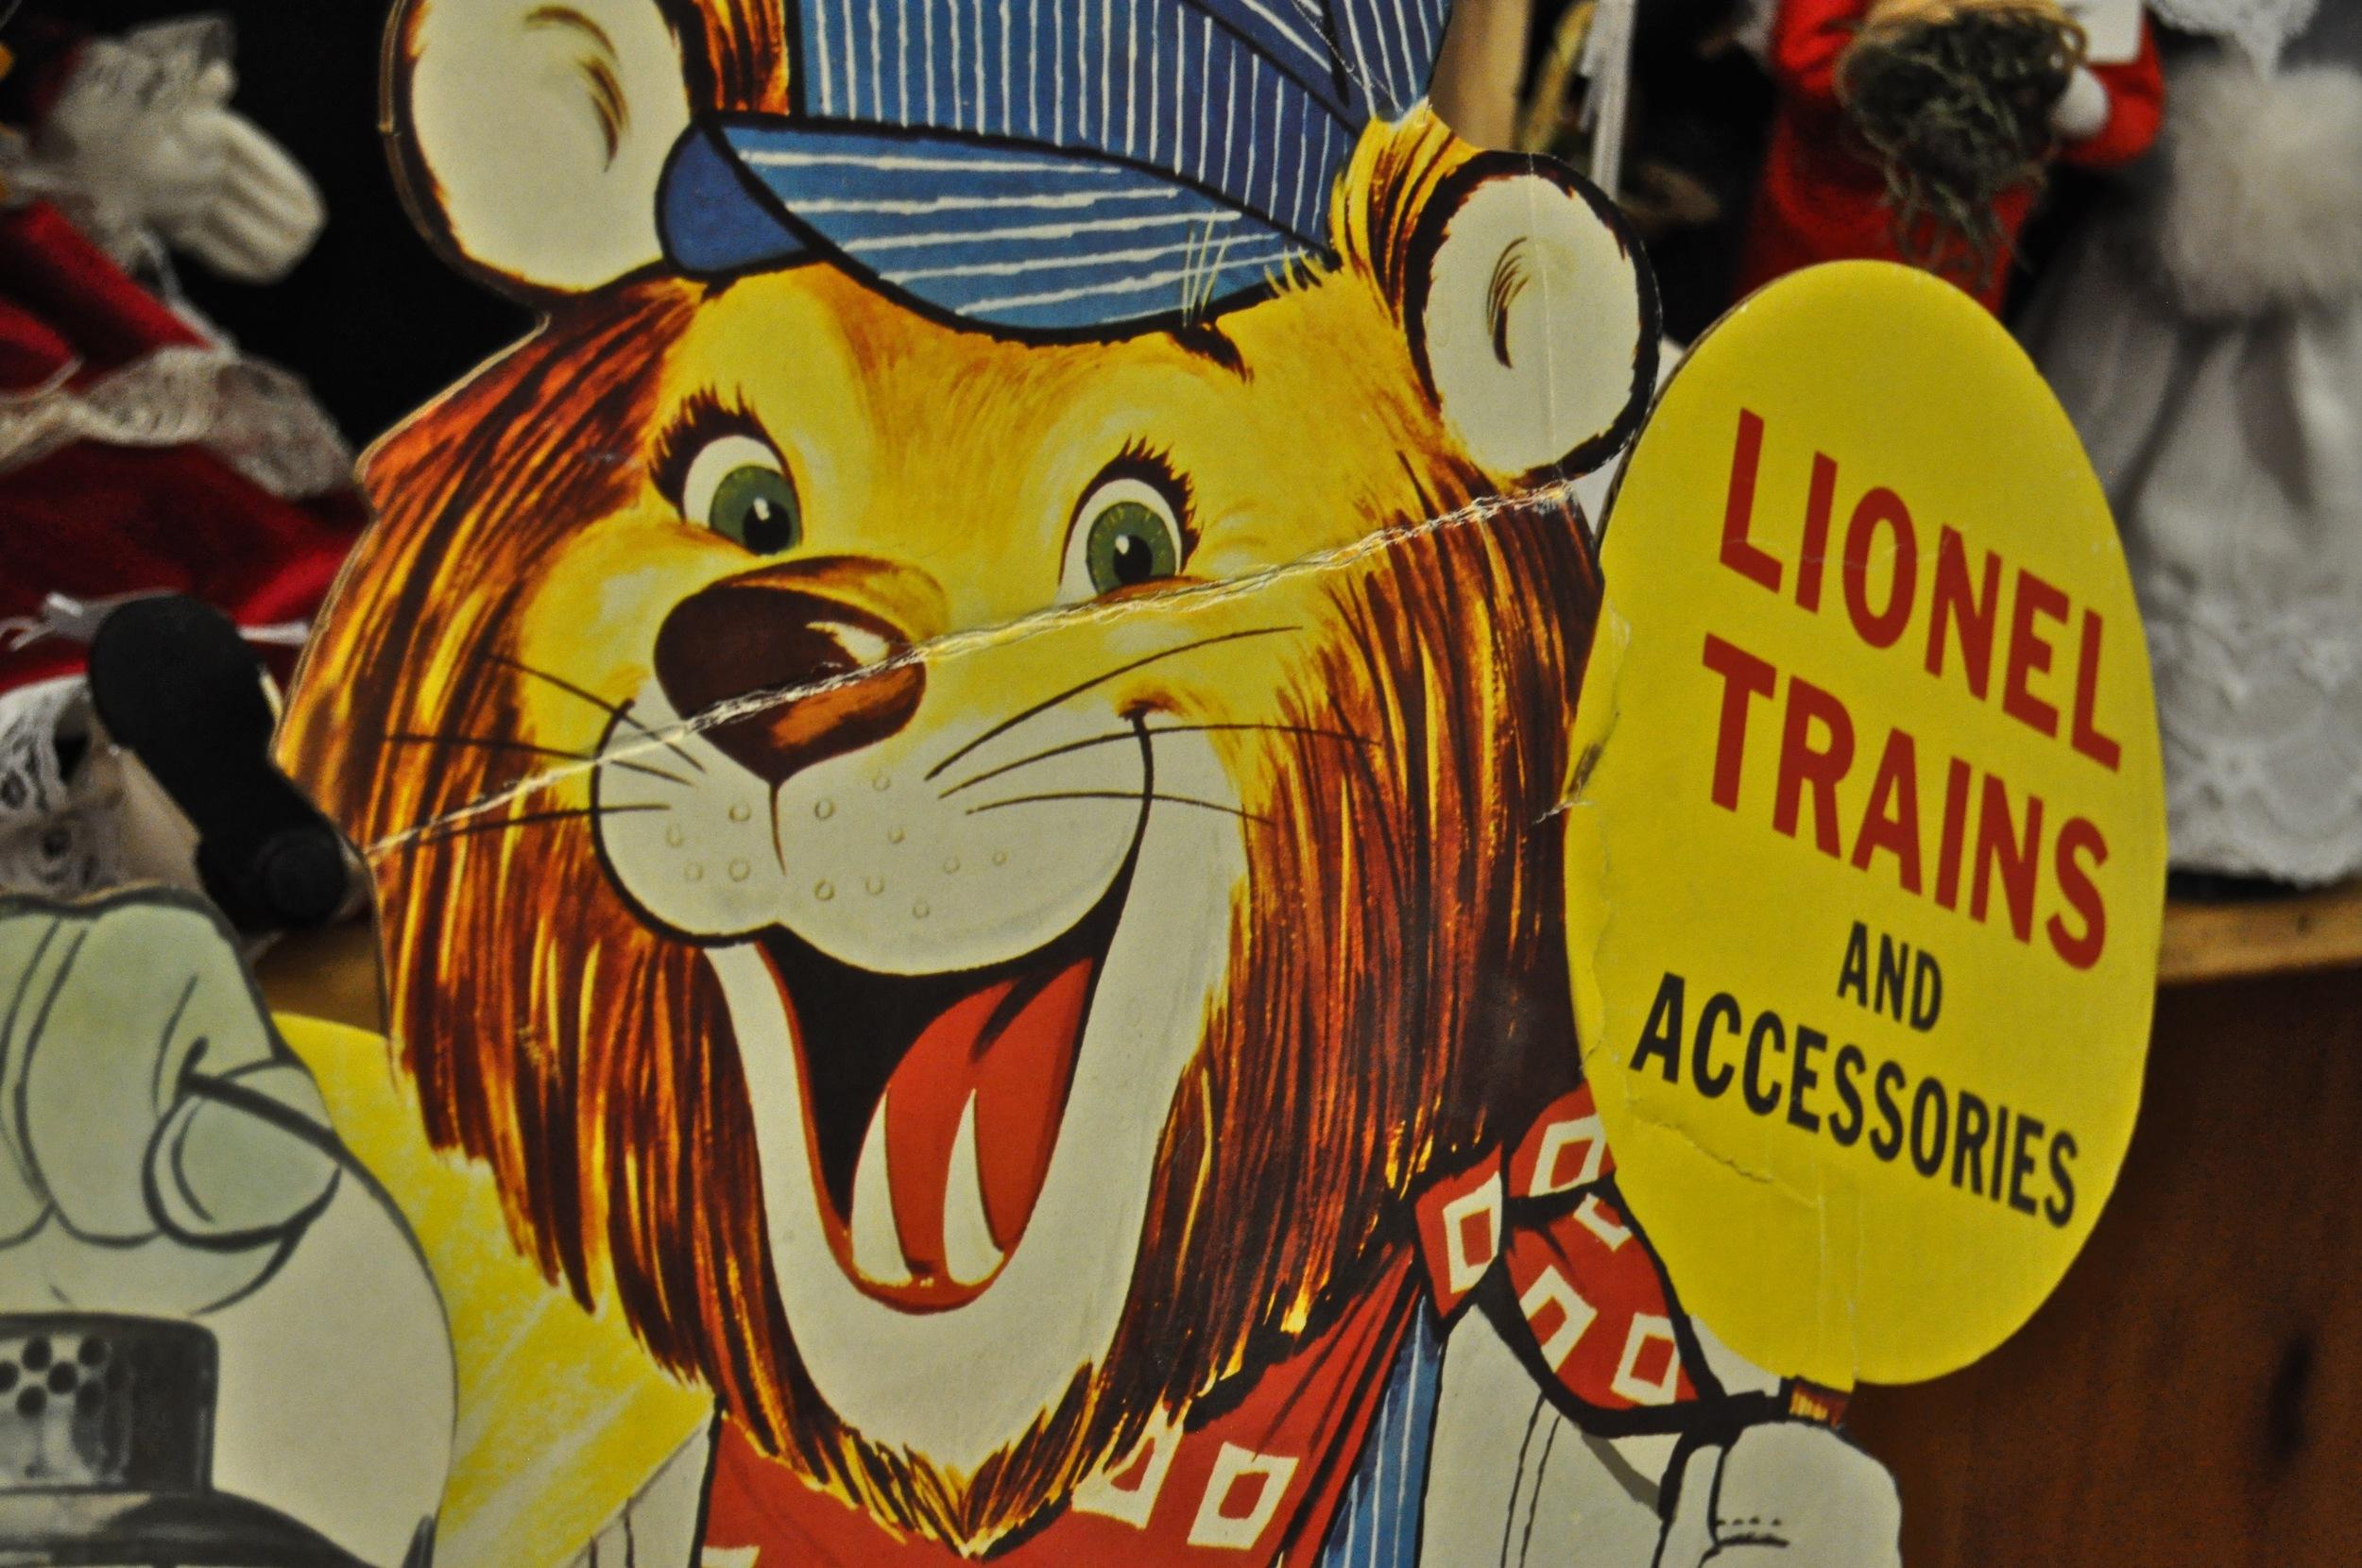 LIONEL TRAINS.jpg